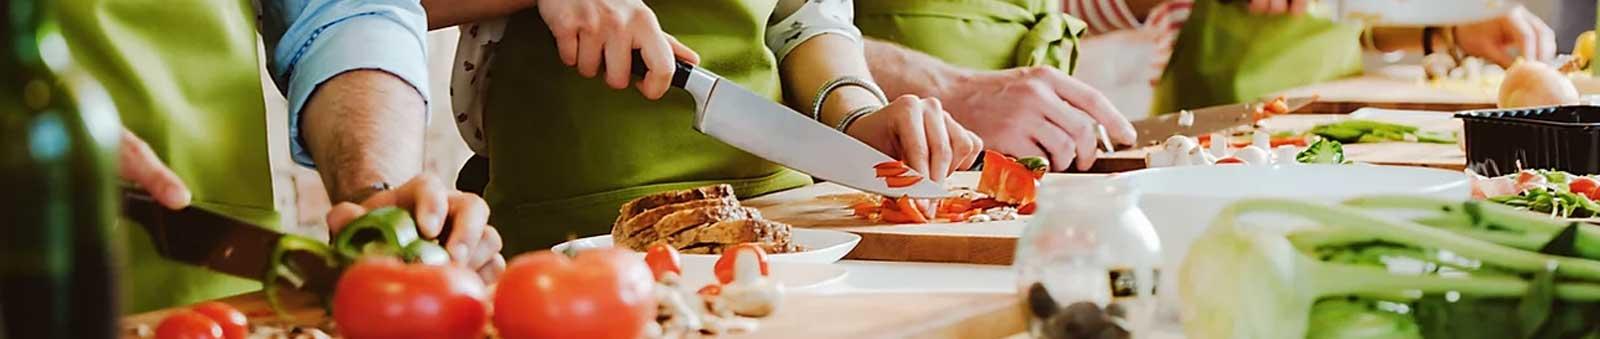 cooking-school-banner